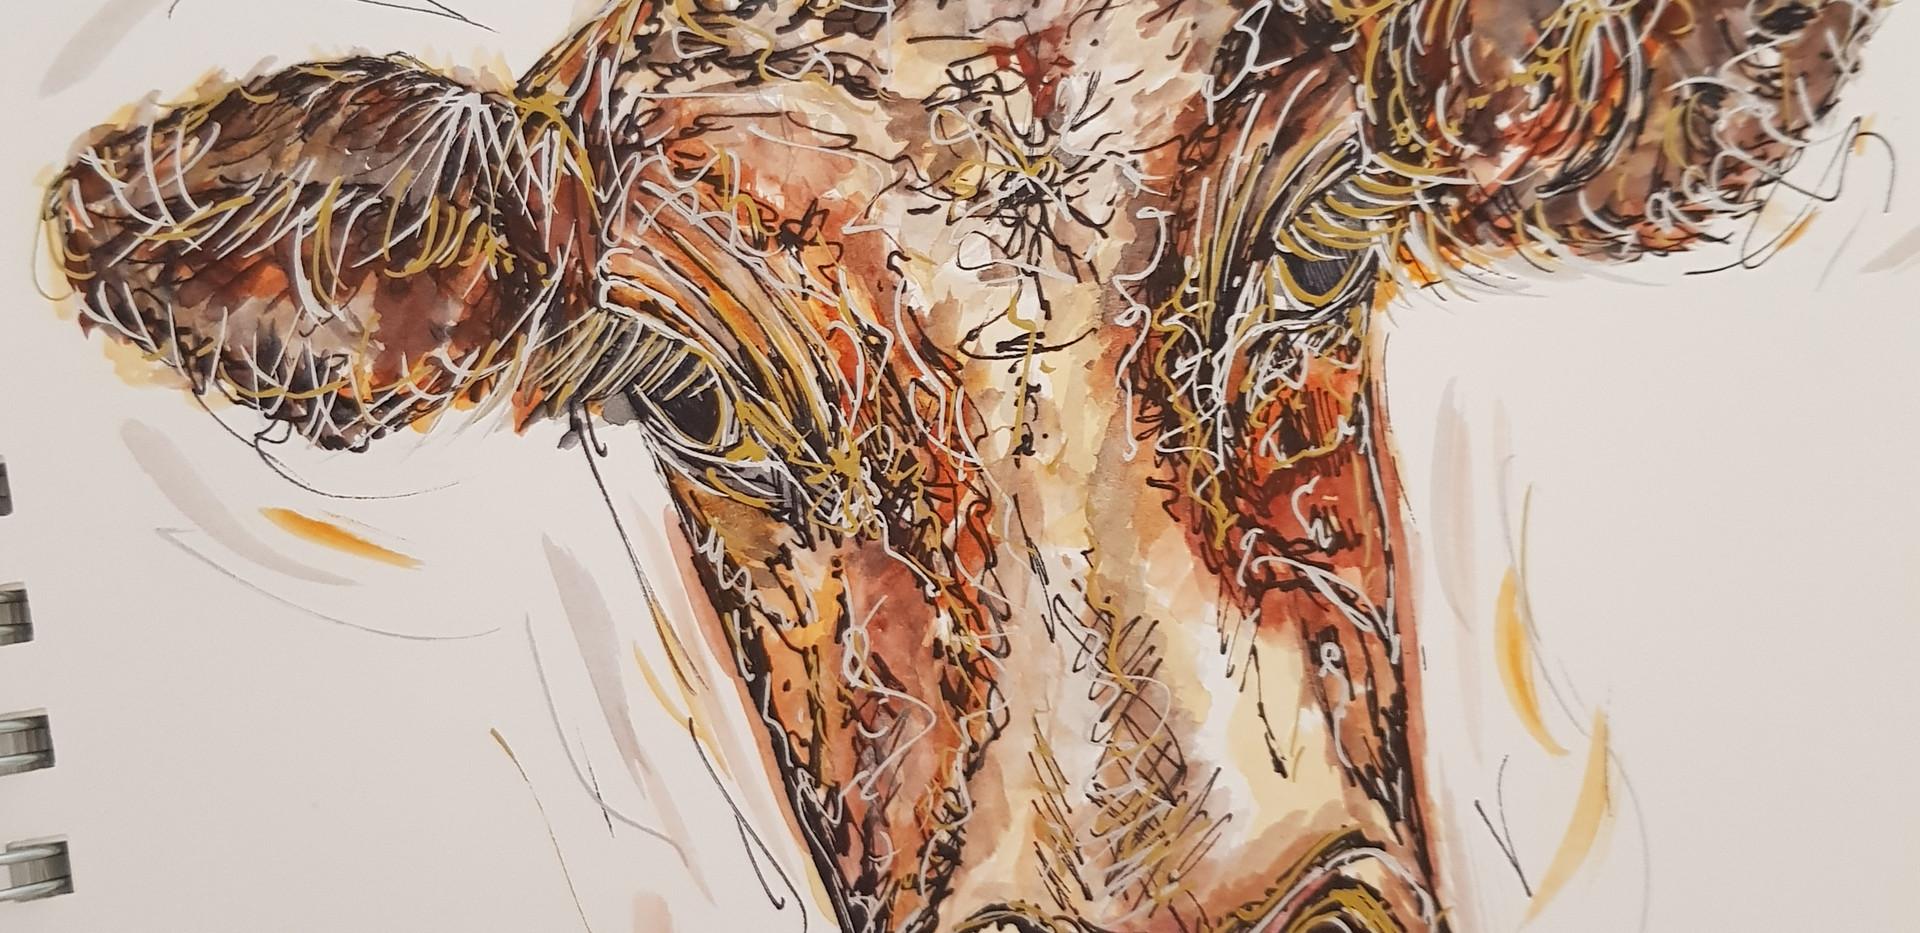 'Moo' Cow